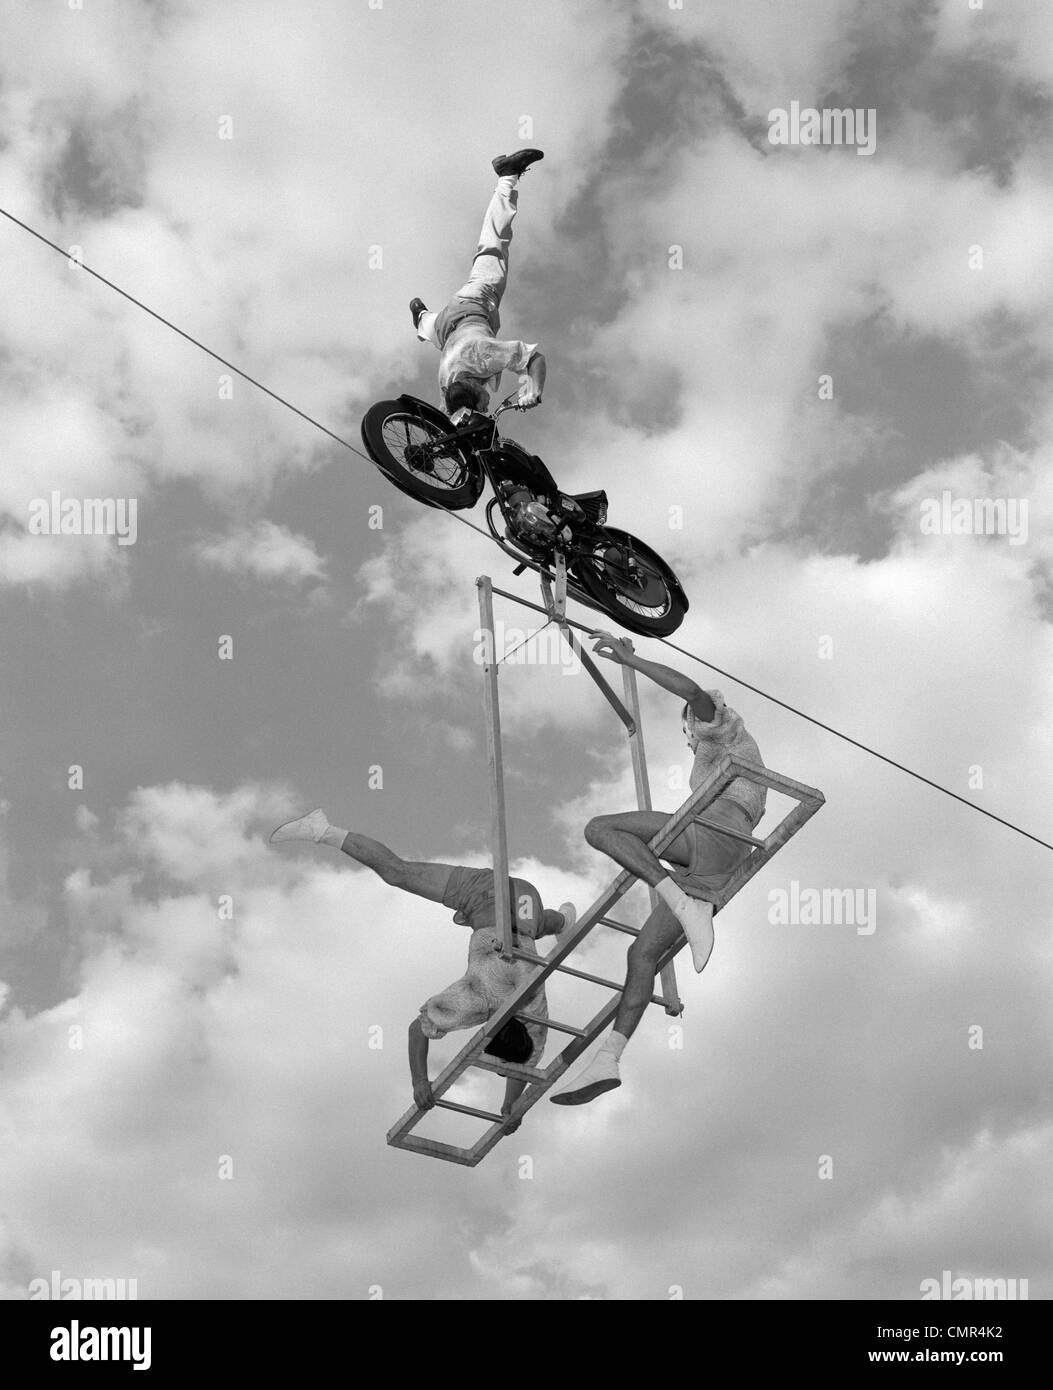 1950S 1960S HOCHSEILAKT MIT AUF DEM KOPF STEHENDEN MANN AUF DEM MOTORRAD MIT MANN UND FRAU AUF AUSGEWOGENE LEITER Stockbild